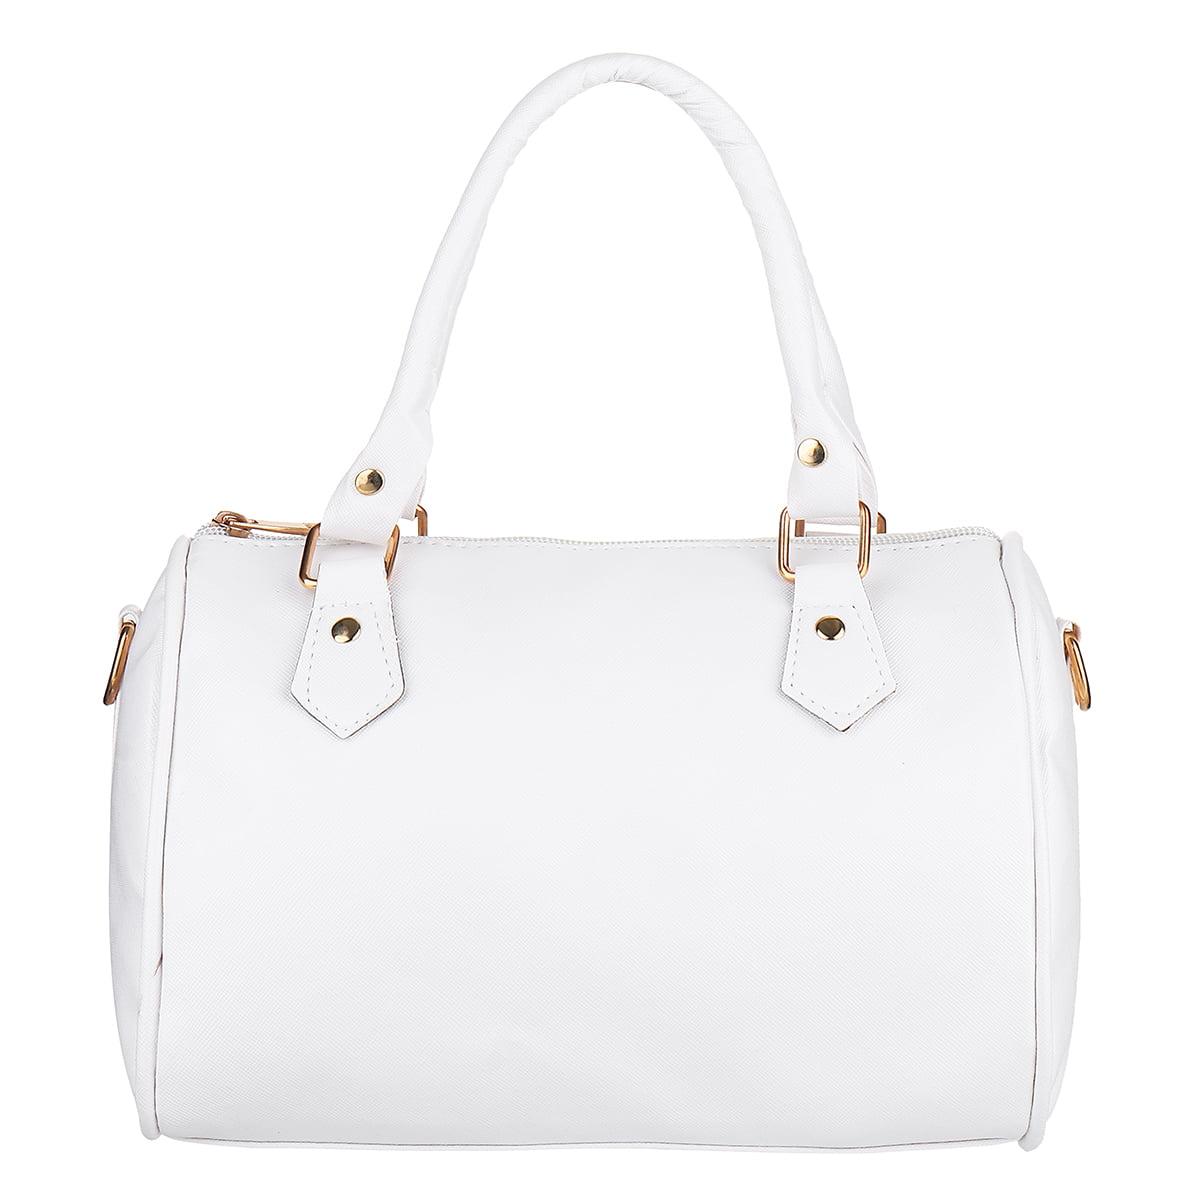 Aequeen Women Shoulder Bag Handbag